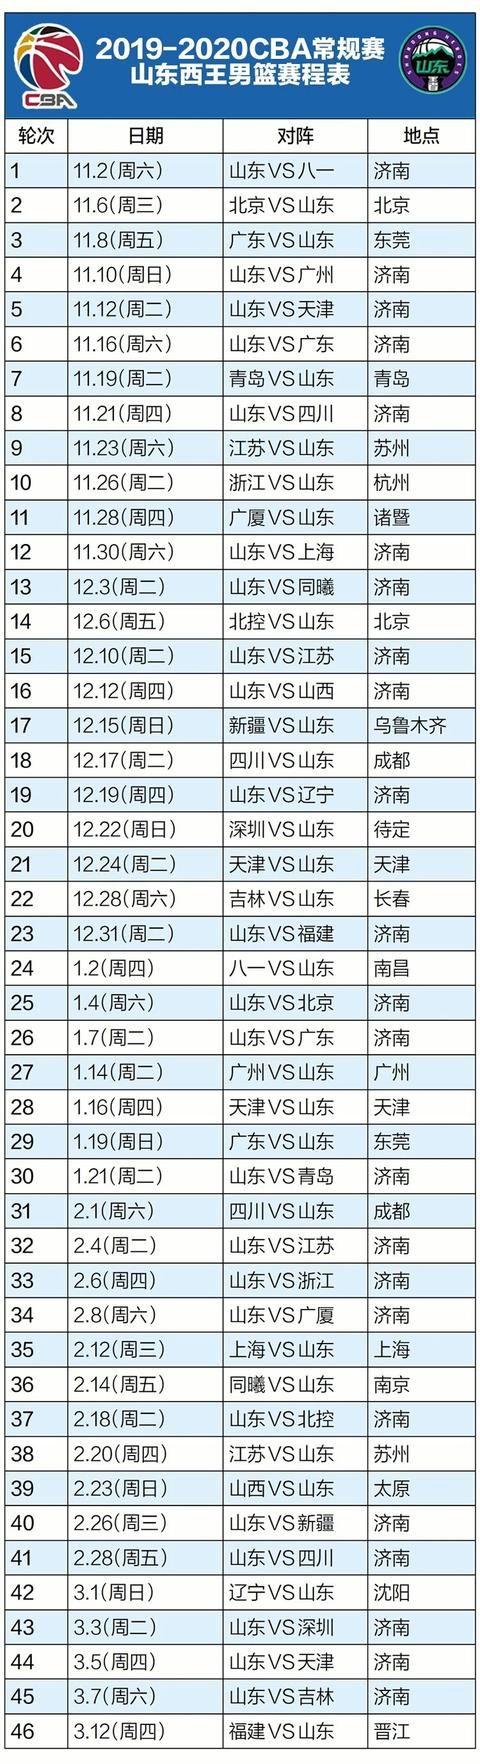 山东男篮菏泽热身对阵欧洲强队 距离注册报名截止还有一周